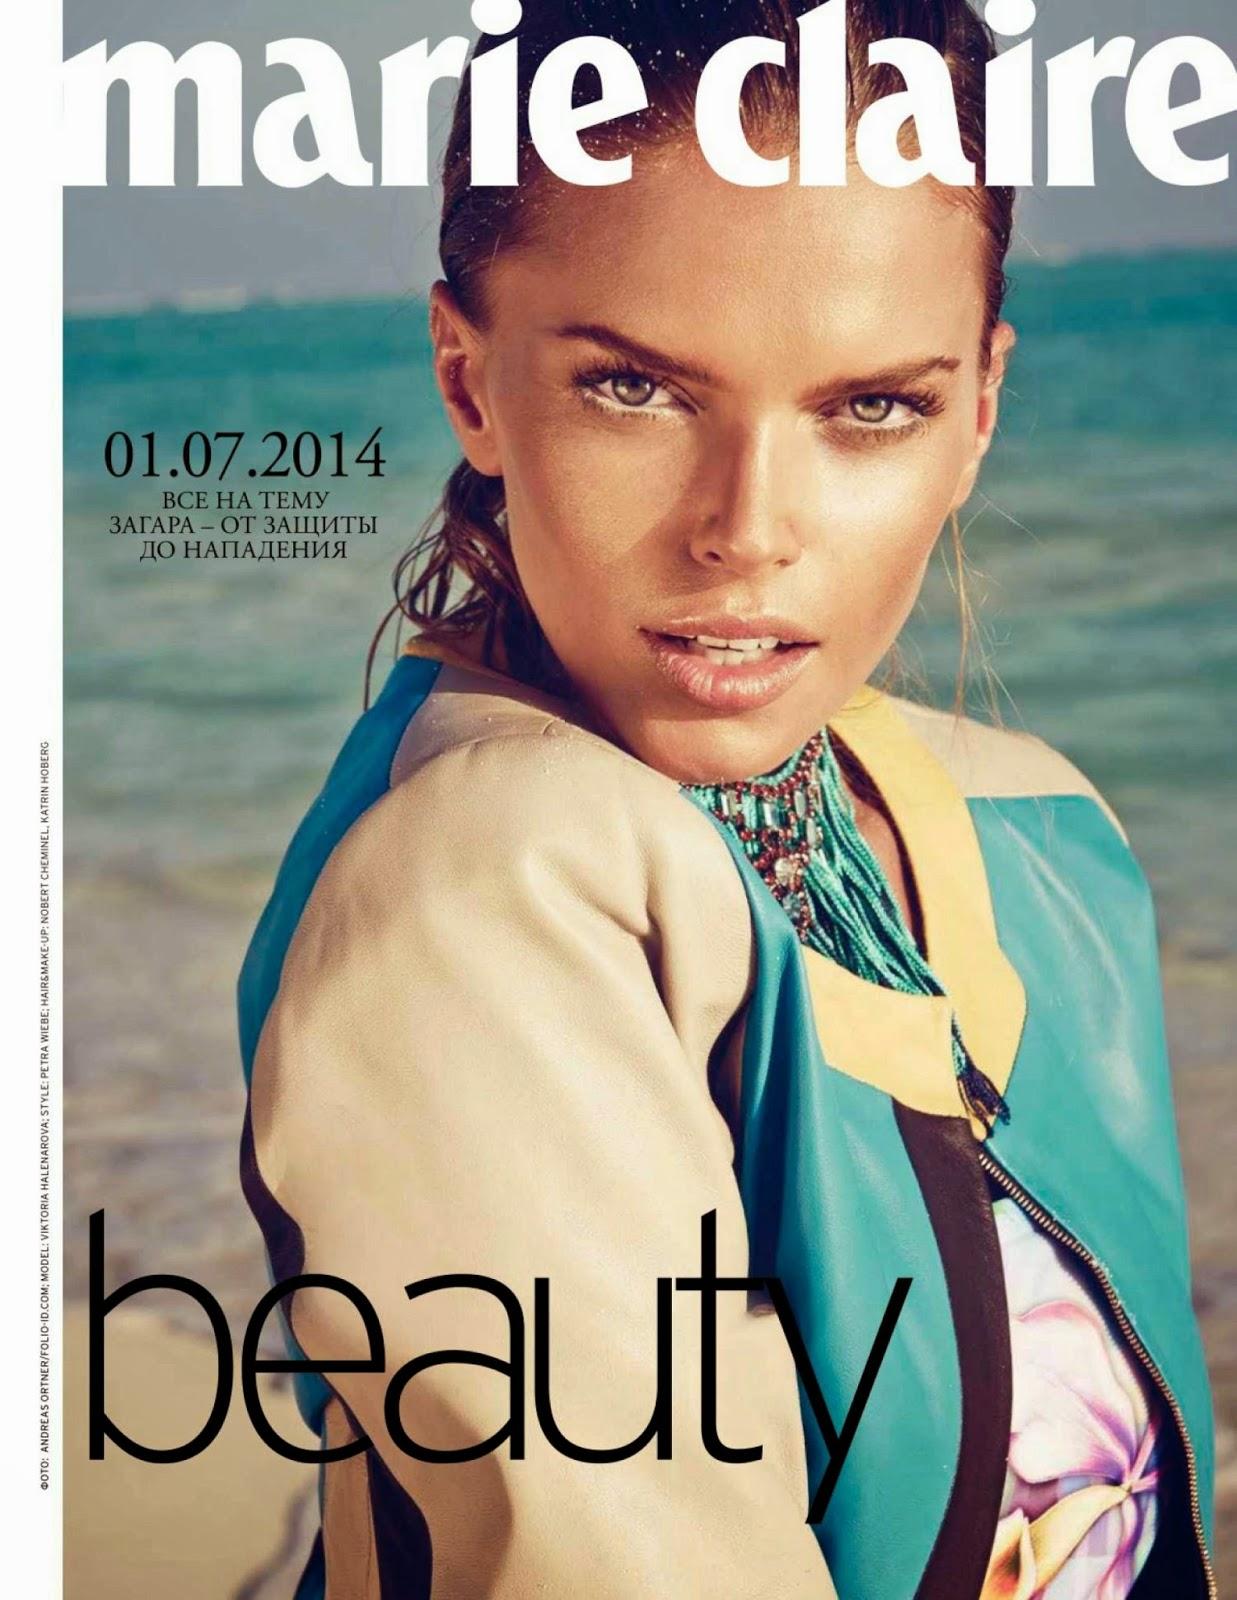 Viktoria Halenarova for Marie Claire Magazine, Russia, July 2014